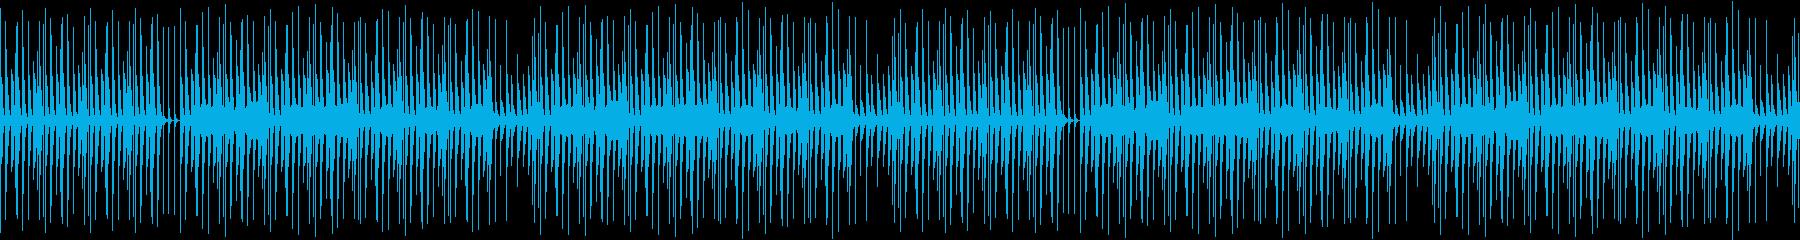 YouTube春オープニングほのぼの日常の再生済みの波形